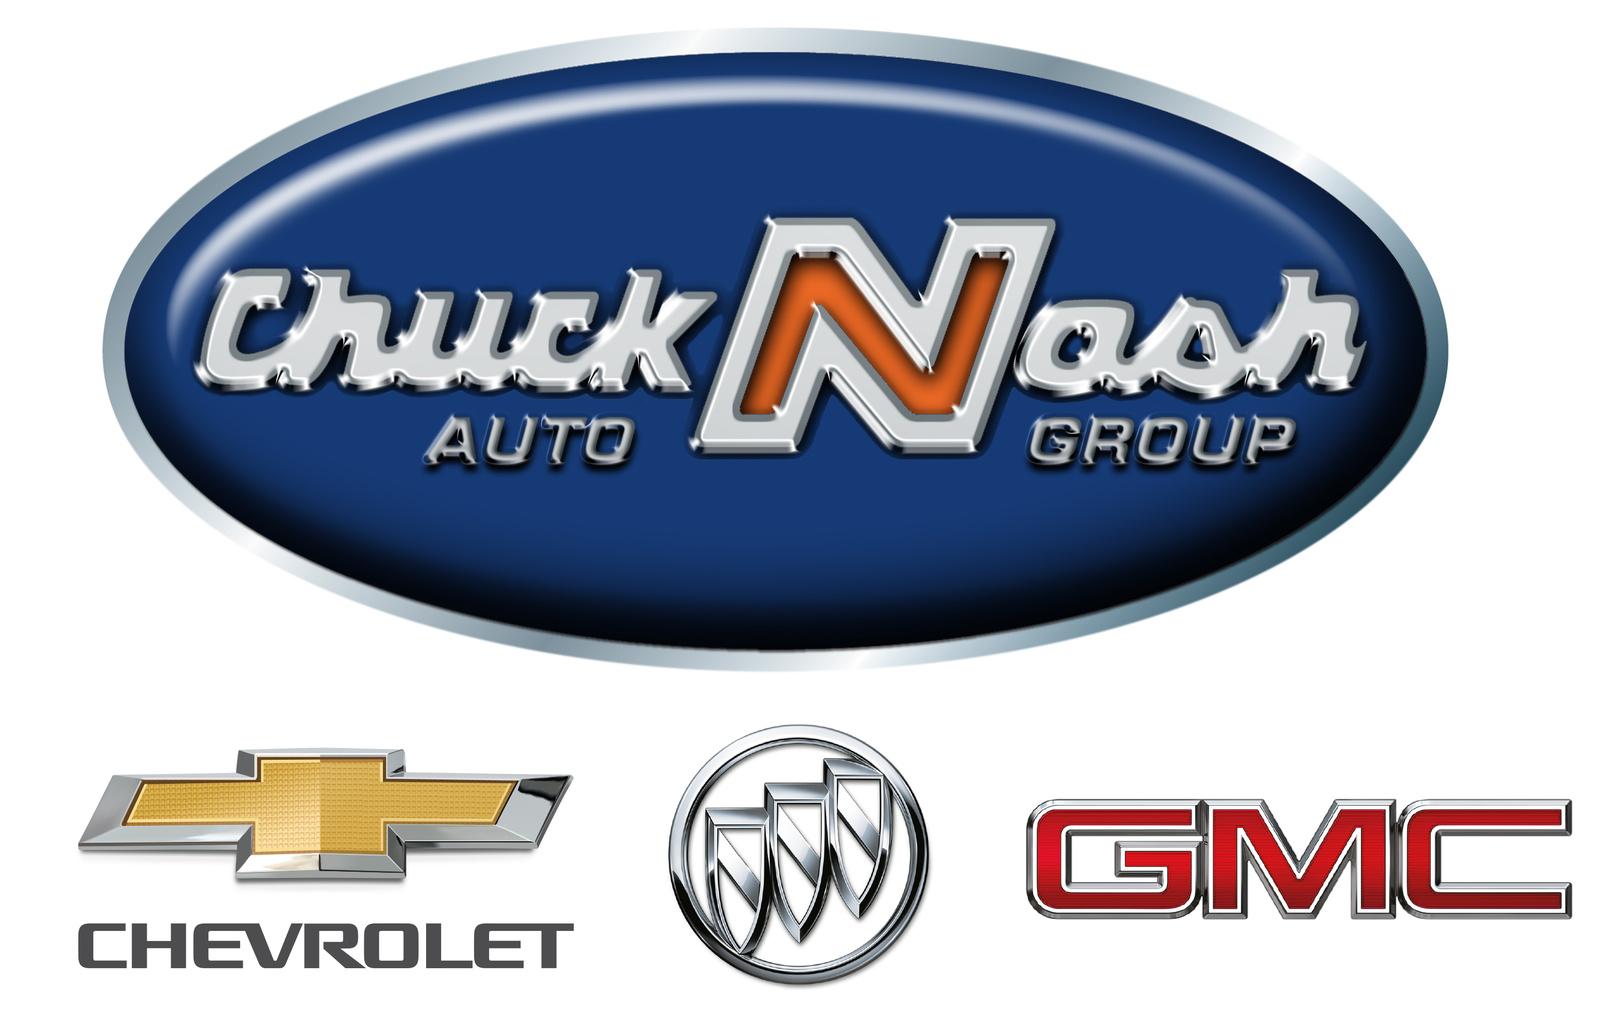 Chuck Nash Chevrolet Buick GMC - San Marcos, TX: Read Consumer ...